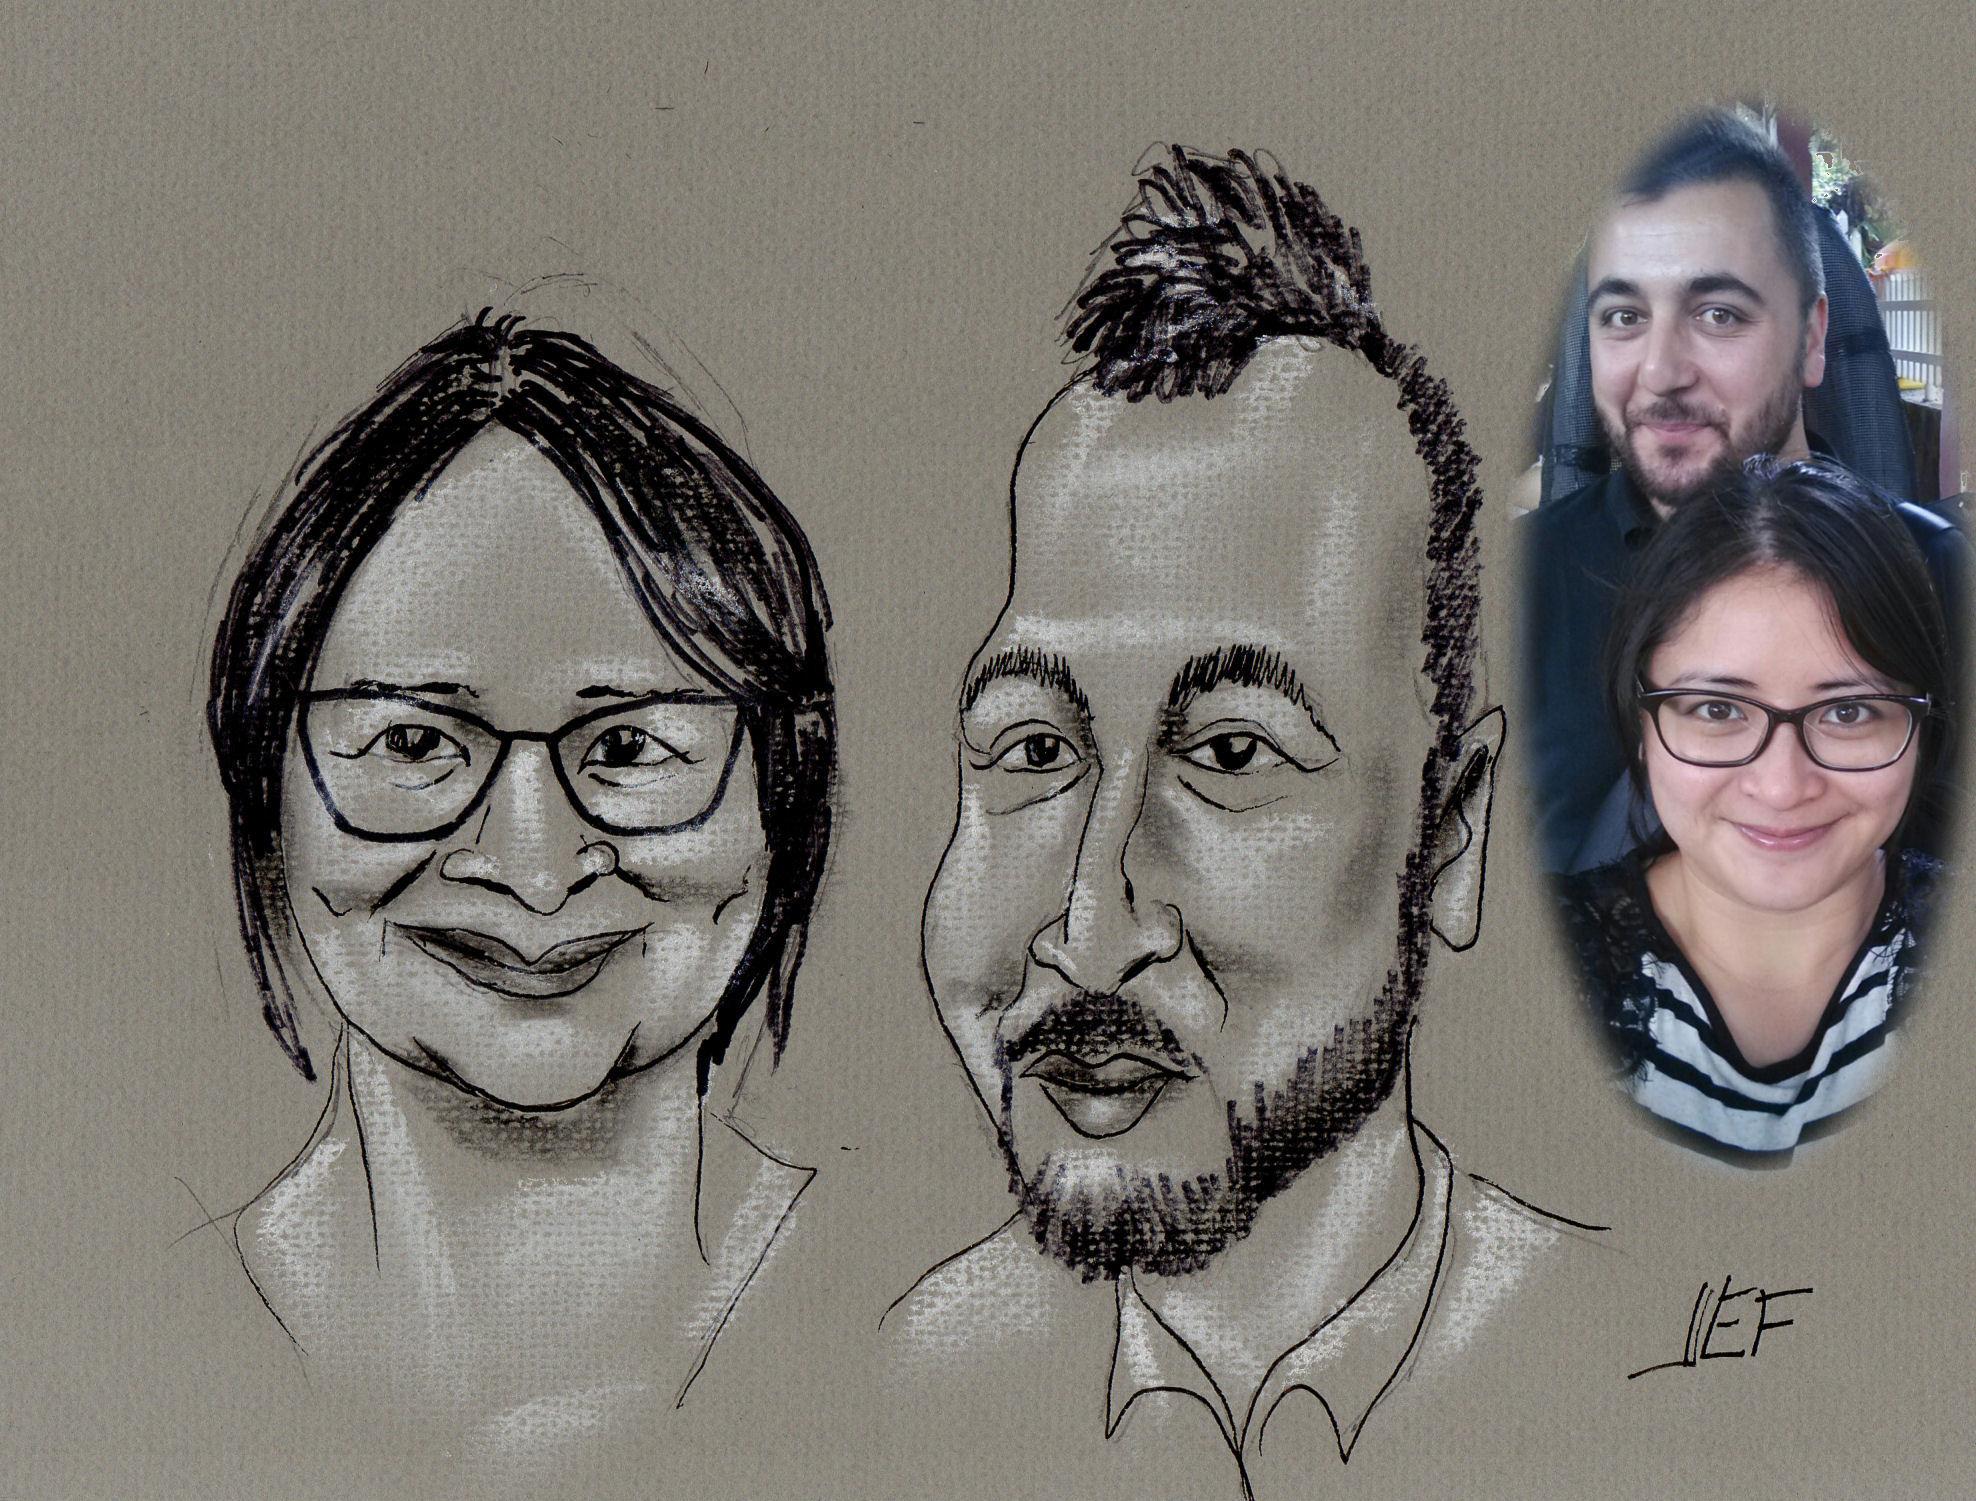 Titi et Baris caricature de JEF